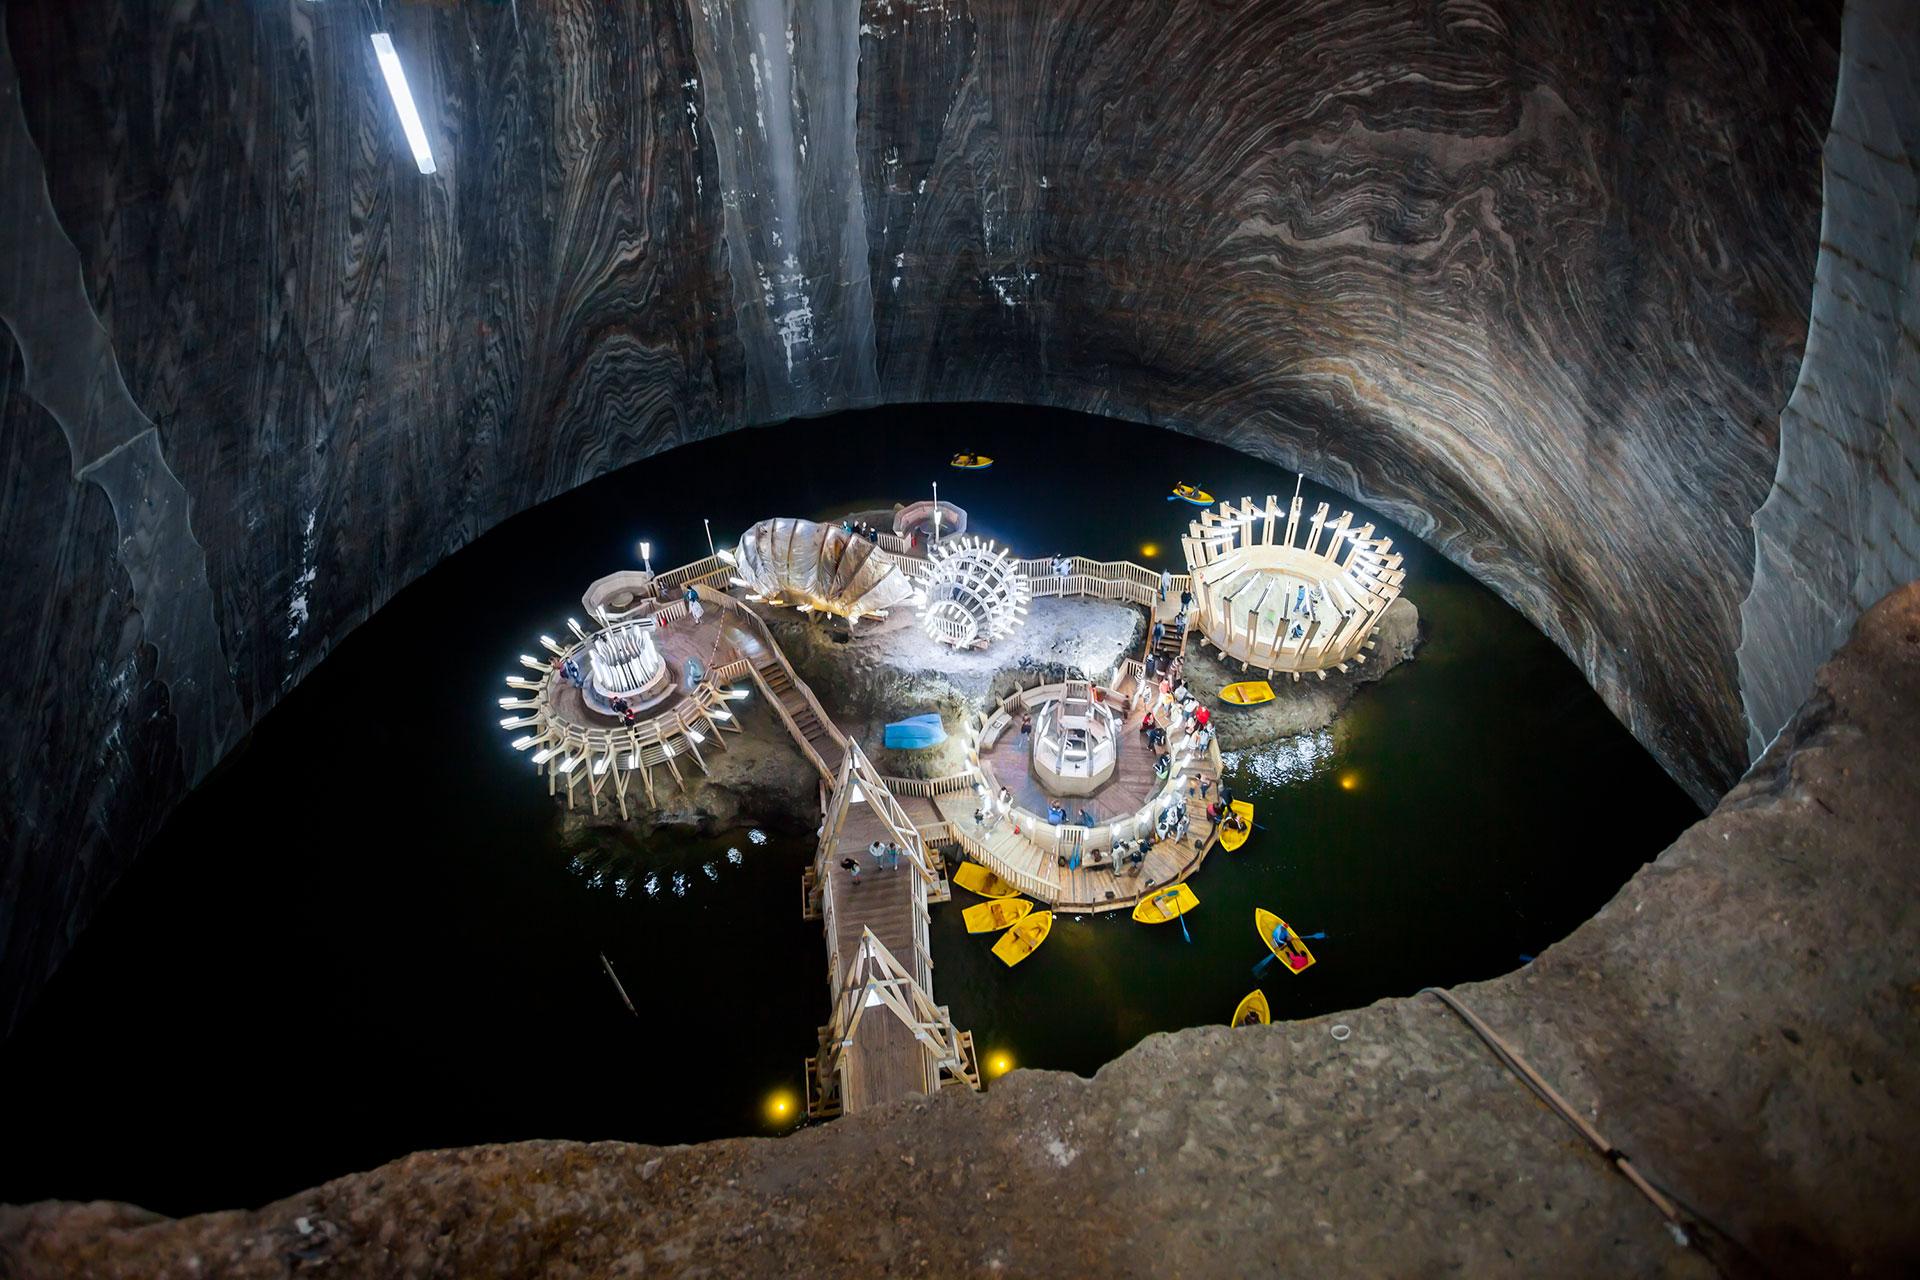 El parque temático se denomina Salina Turda y se ubica a las afueras de Cluj-Napoca, la segunda ciudad más grande de Rumania y la capital no oficial de Transilvania, donde se encontraba una de las minas de sal más antiguas del mundo